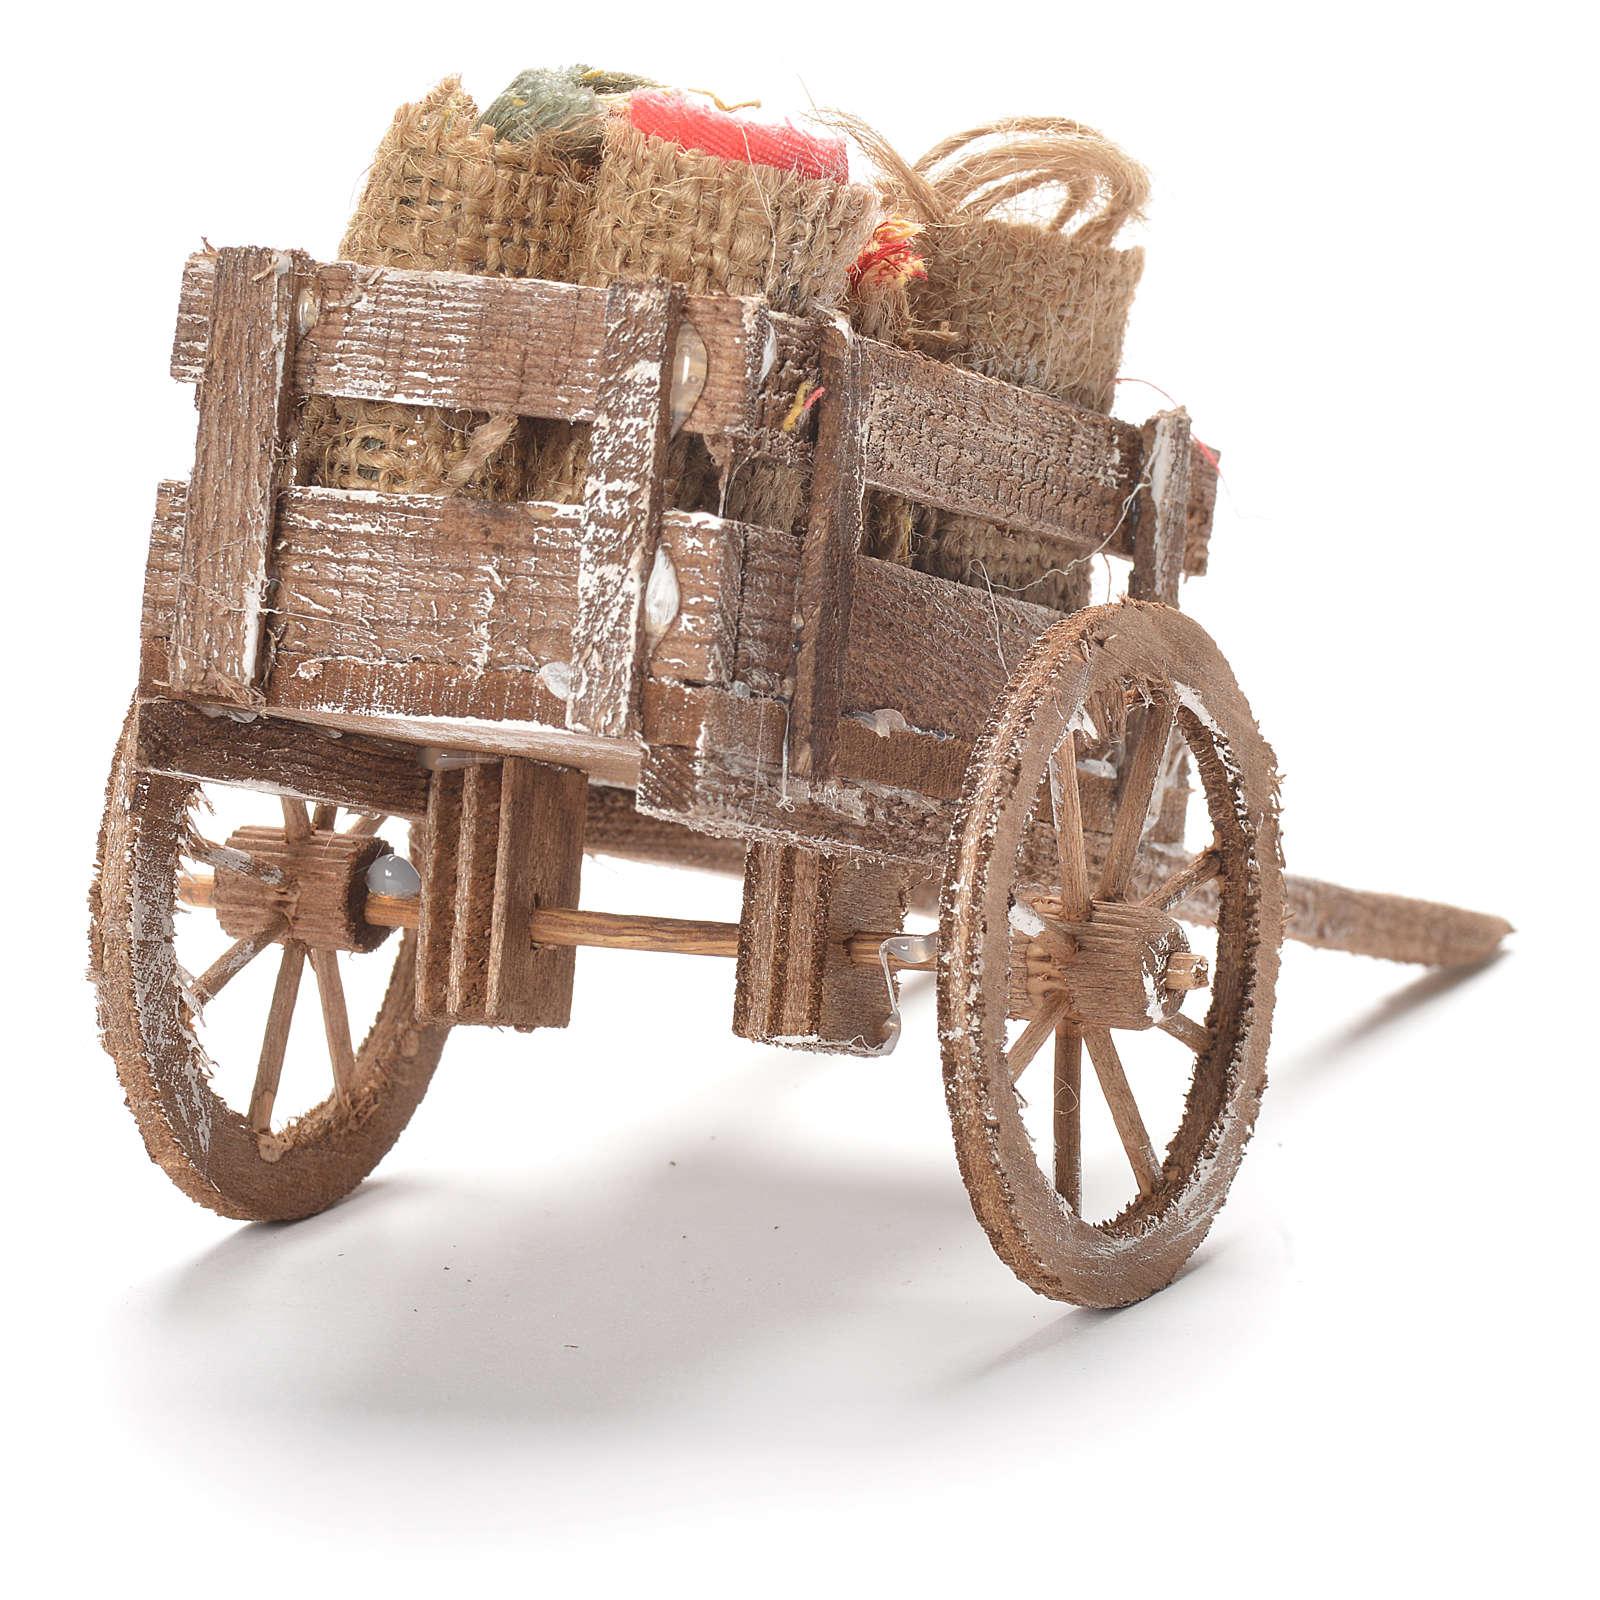 Carretto con sacchi e stoffe presepe Napoli 12x20x8 cm 4